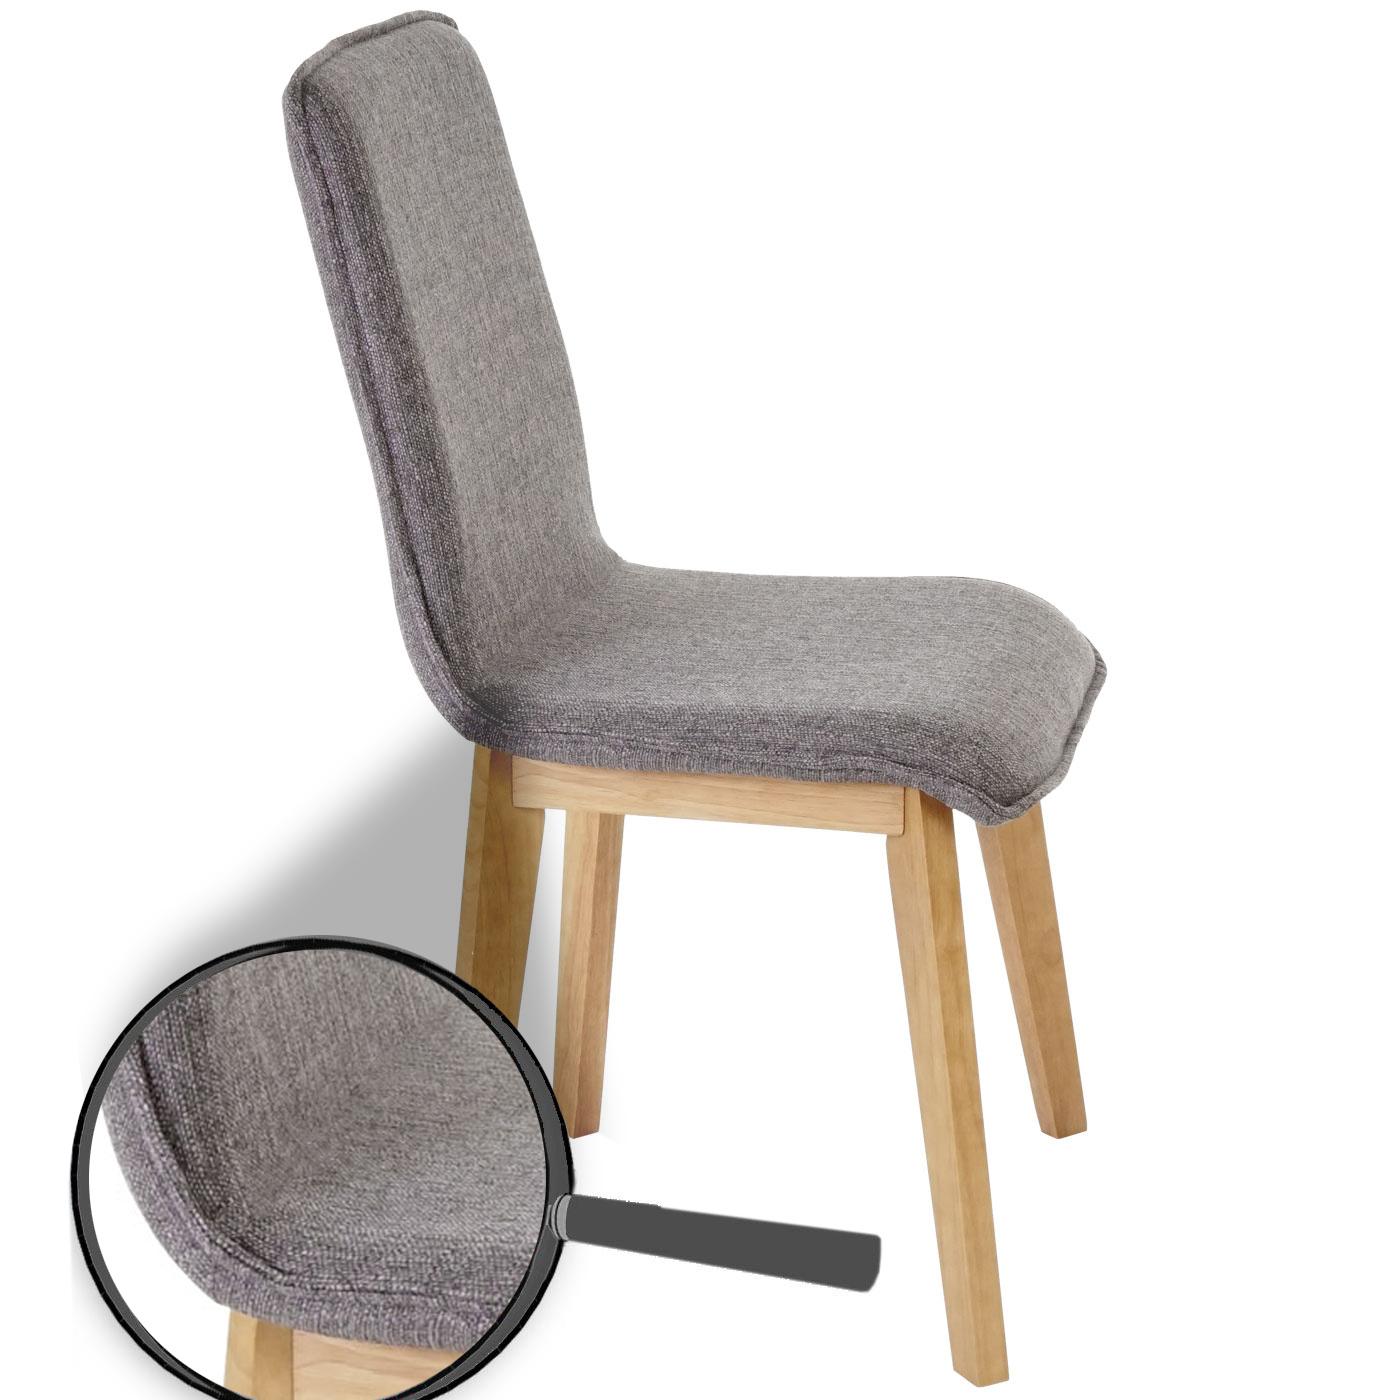 Design Esszimmerstuhl 2x esszimmerstuhl zadar stuhl lehnstuhl retro 50er jahre design